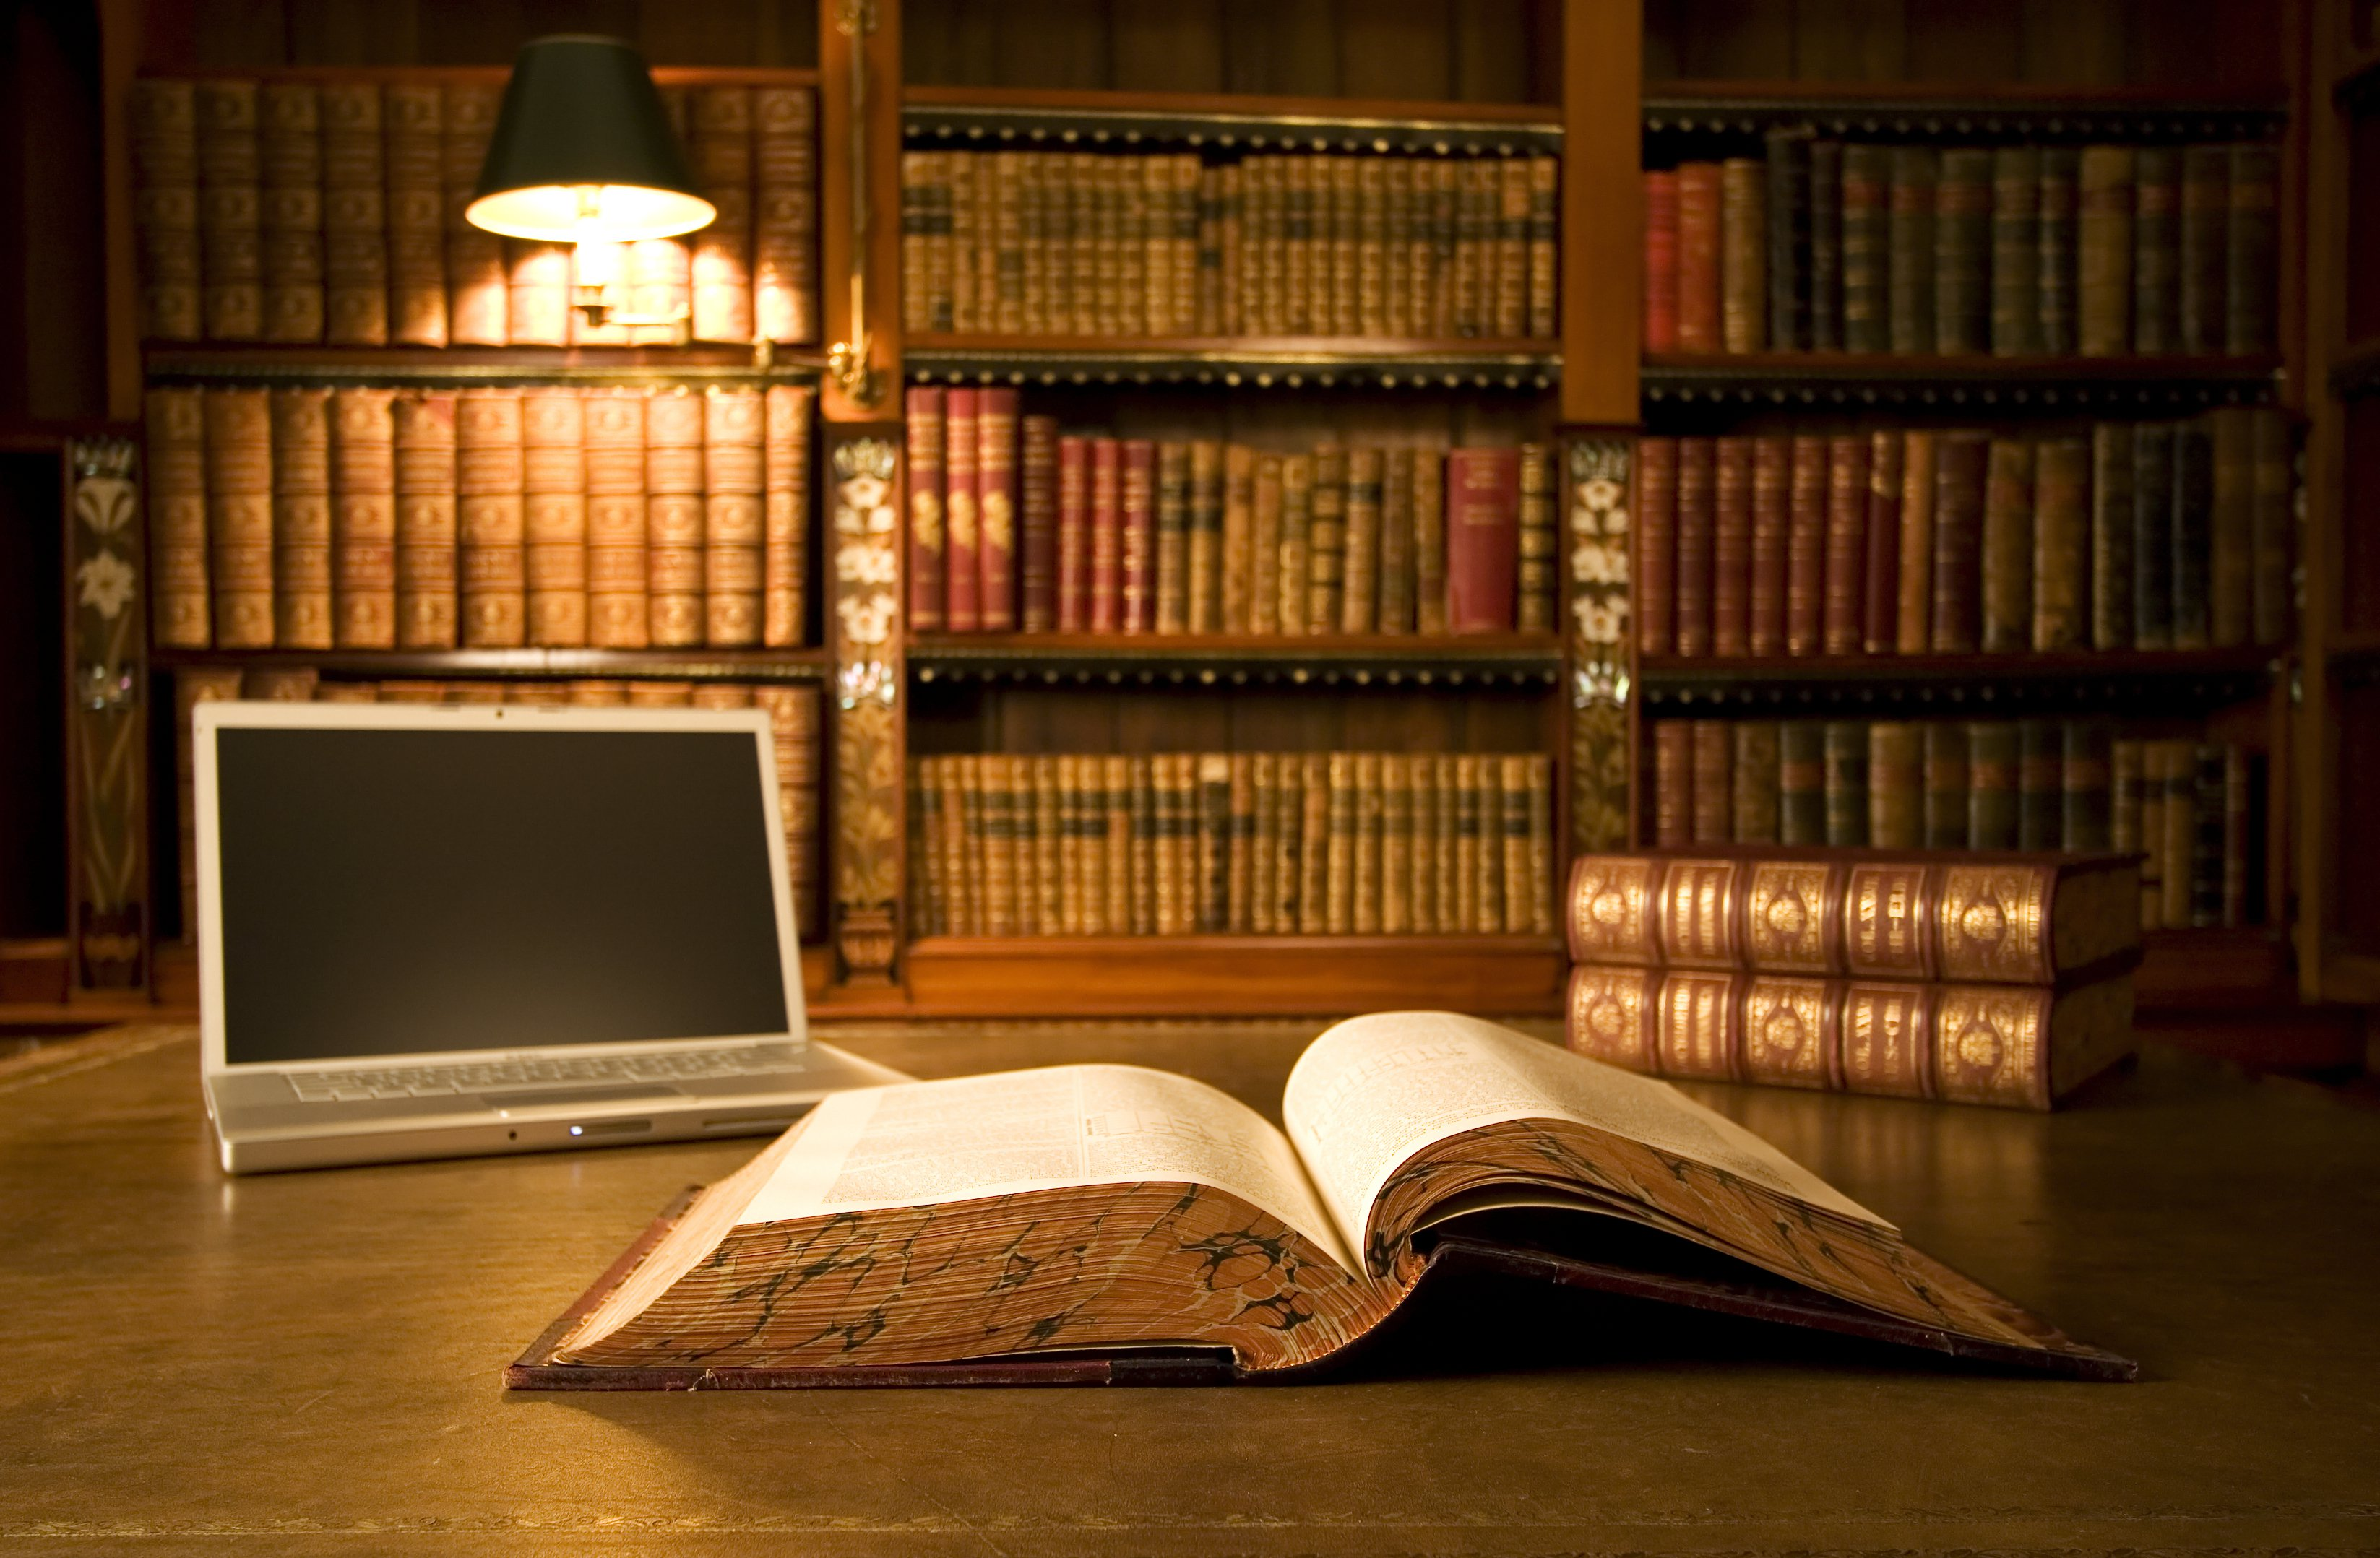 Công văn 4528/TCT-PC hướng dẫn về việc công chứng, chứng thực hợp đồng cho thuê nhà ở